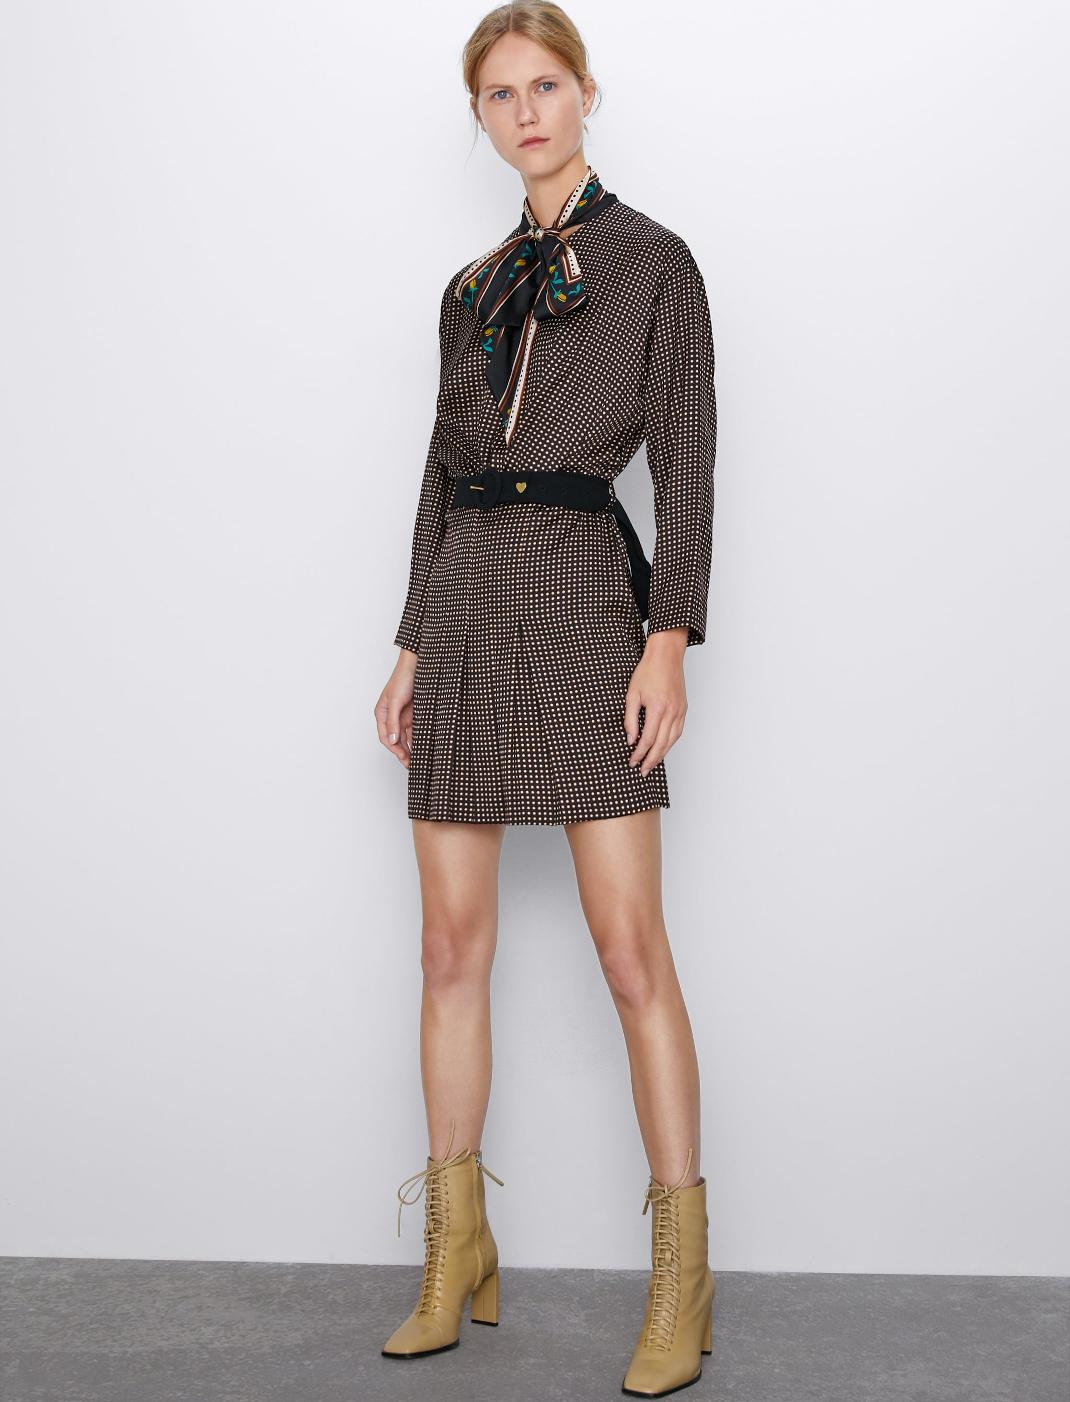 μοντέλο με φόρεμα Zara